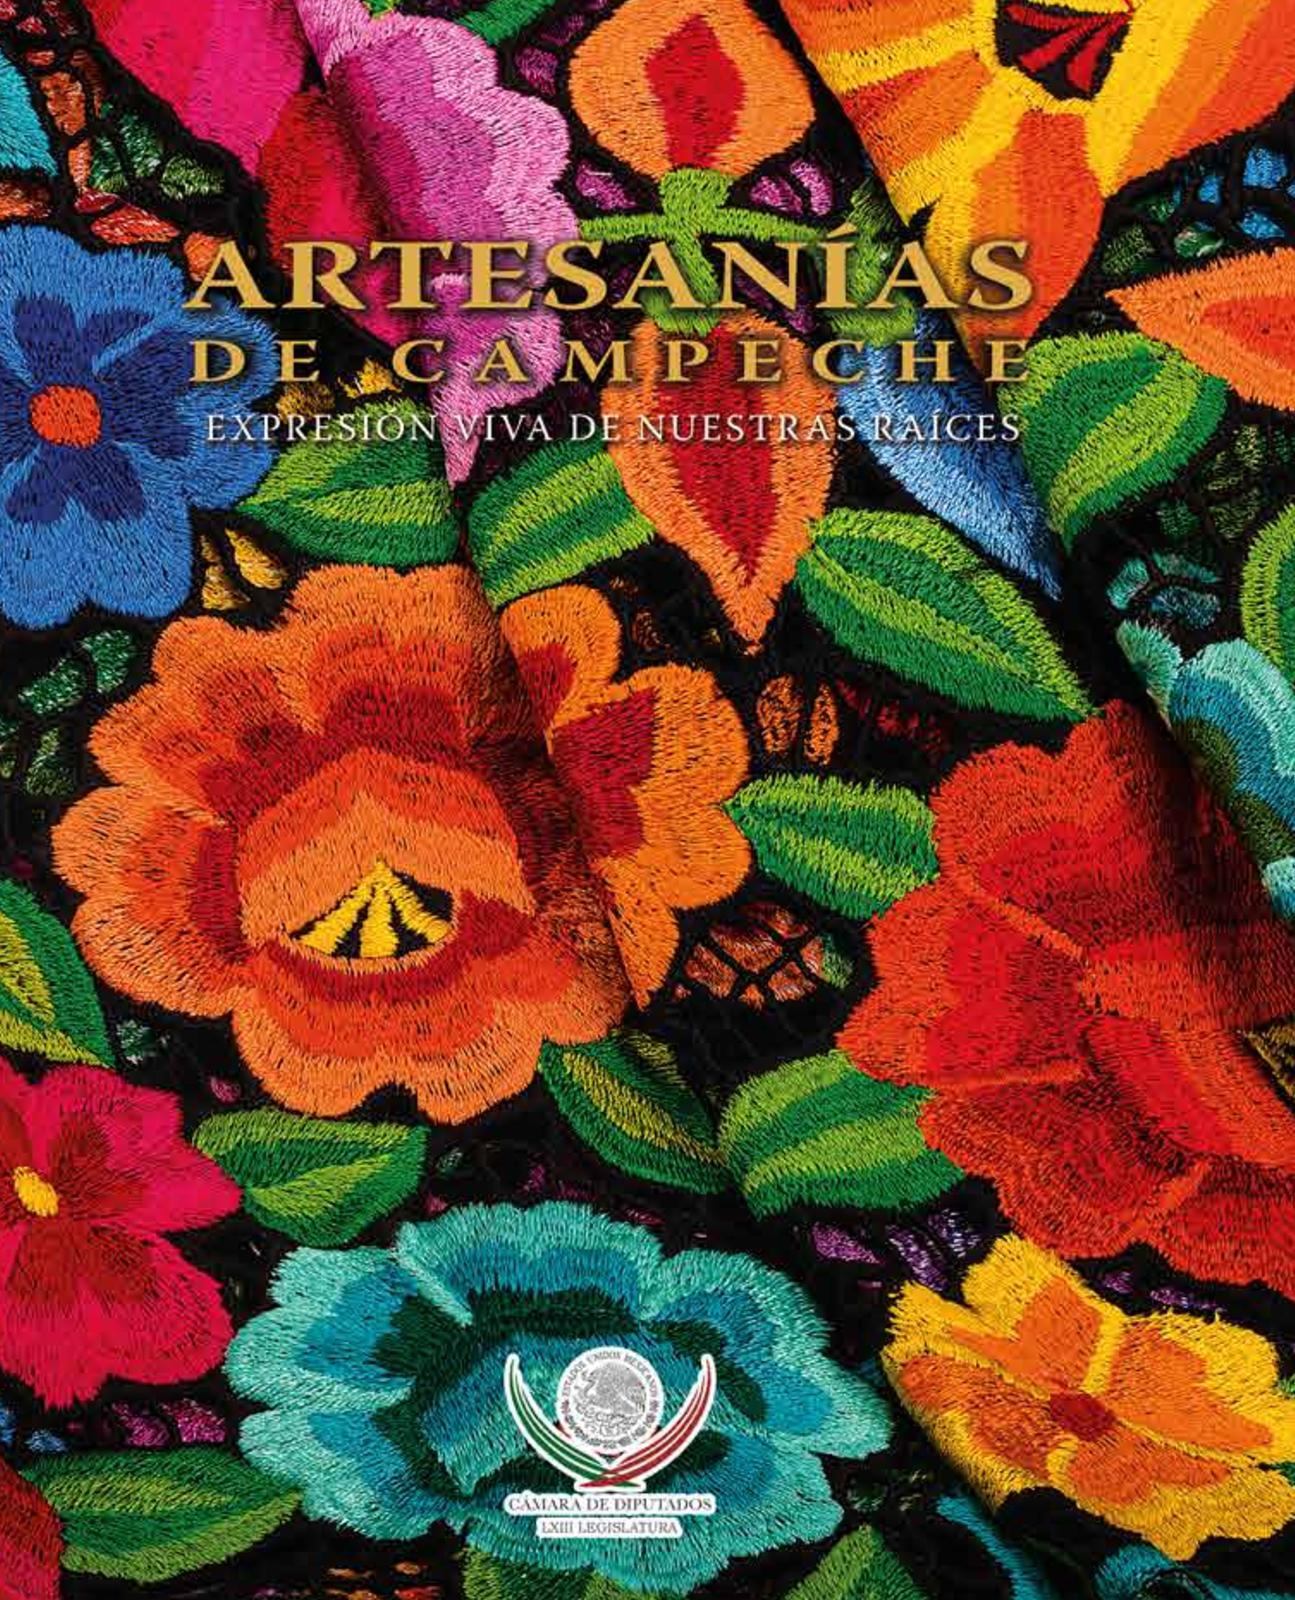 Calaméo - Artesanías de Campeche 545d0eeae60